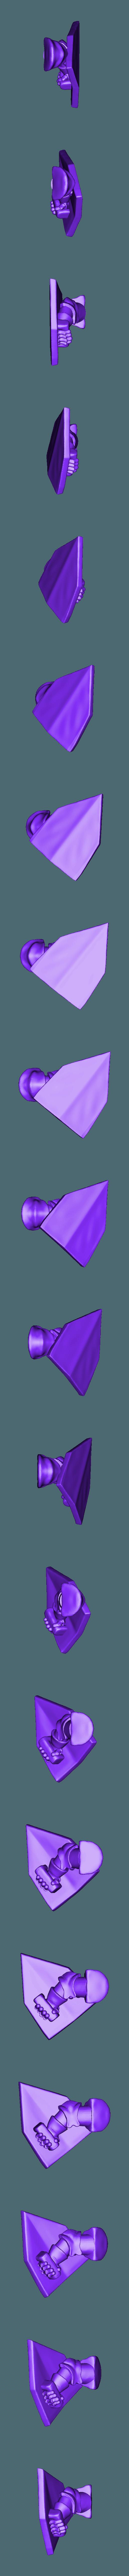 left_arm_v3.stl Download free STL file Dwarf Knight Goat Cavalry Miniatures • 3D print object, Ilhadiel